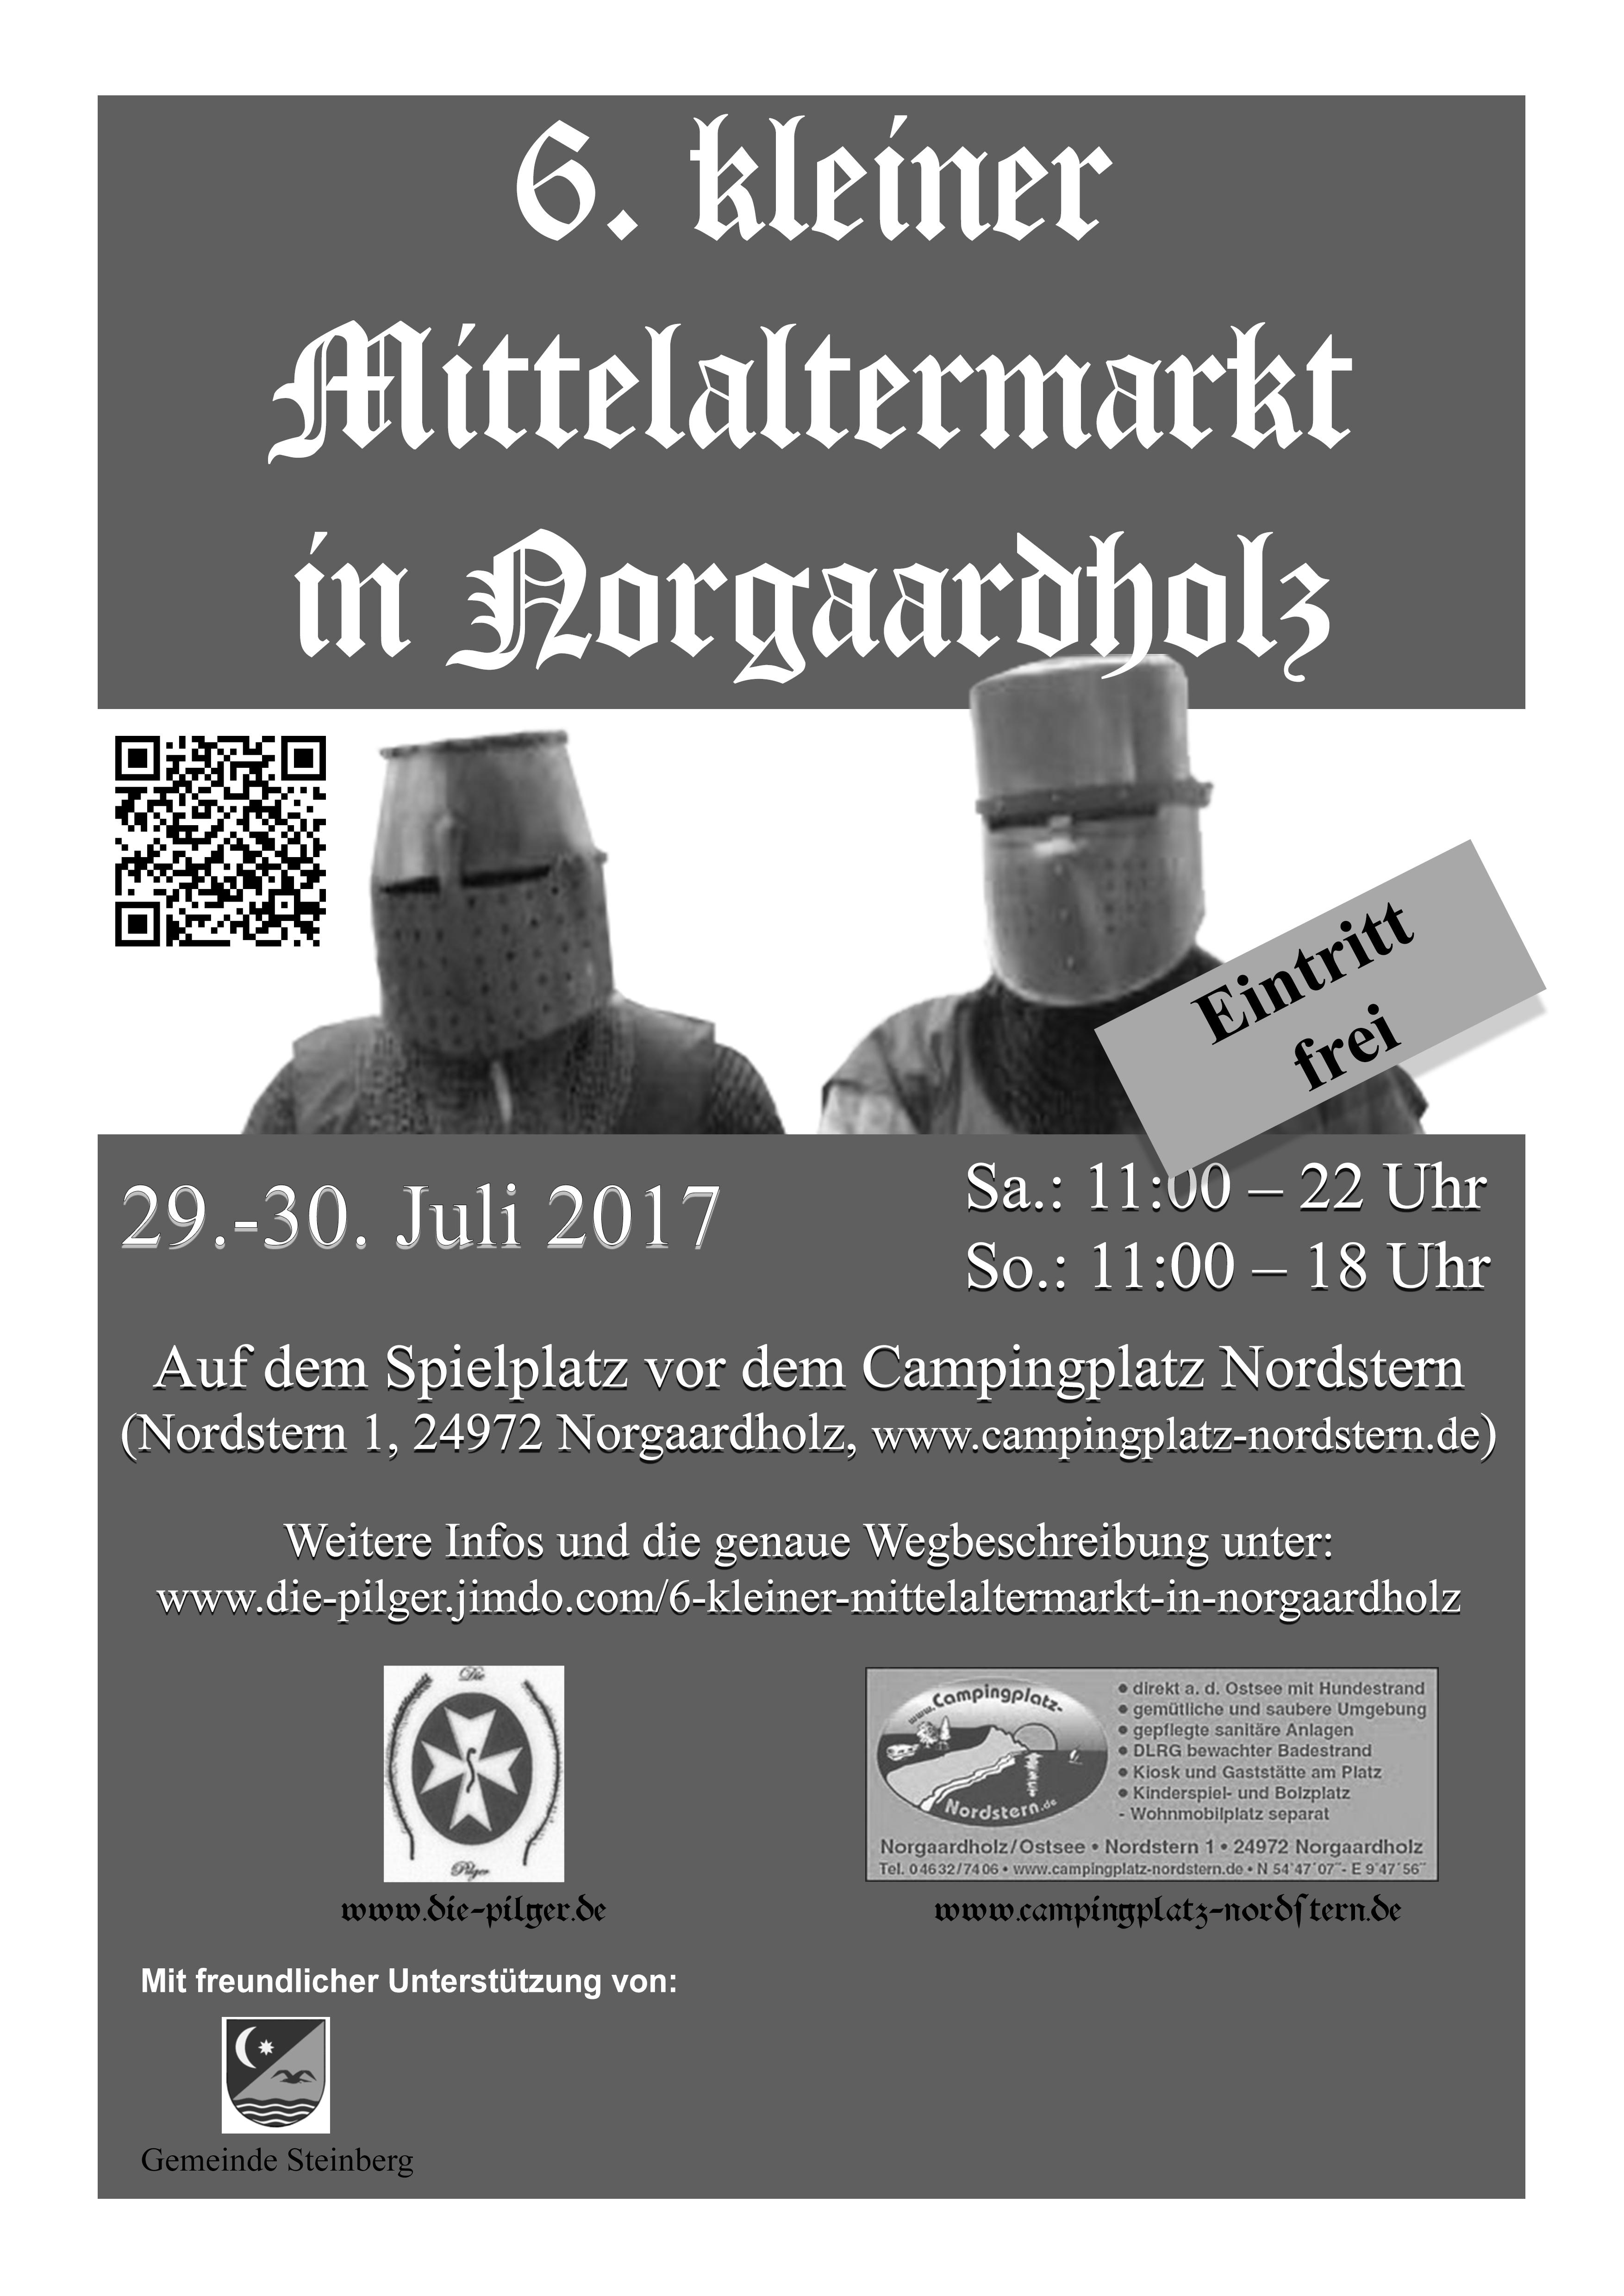 6. kleiner Mittelaltermarkt in Norgaardholz